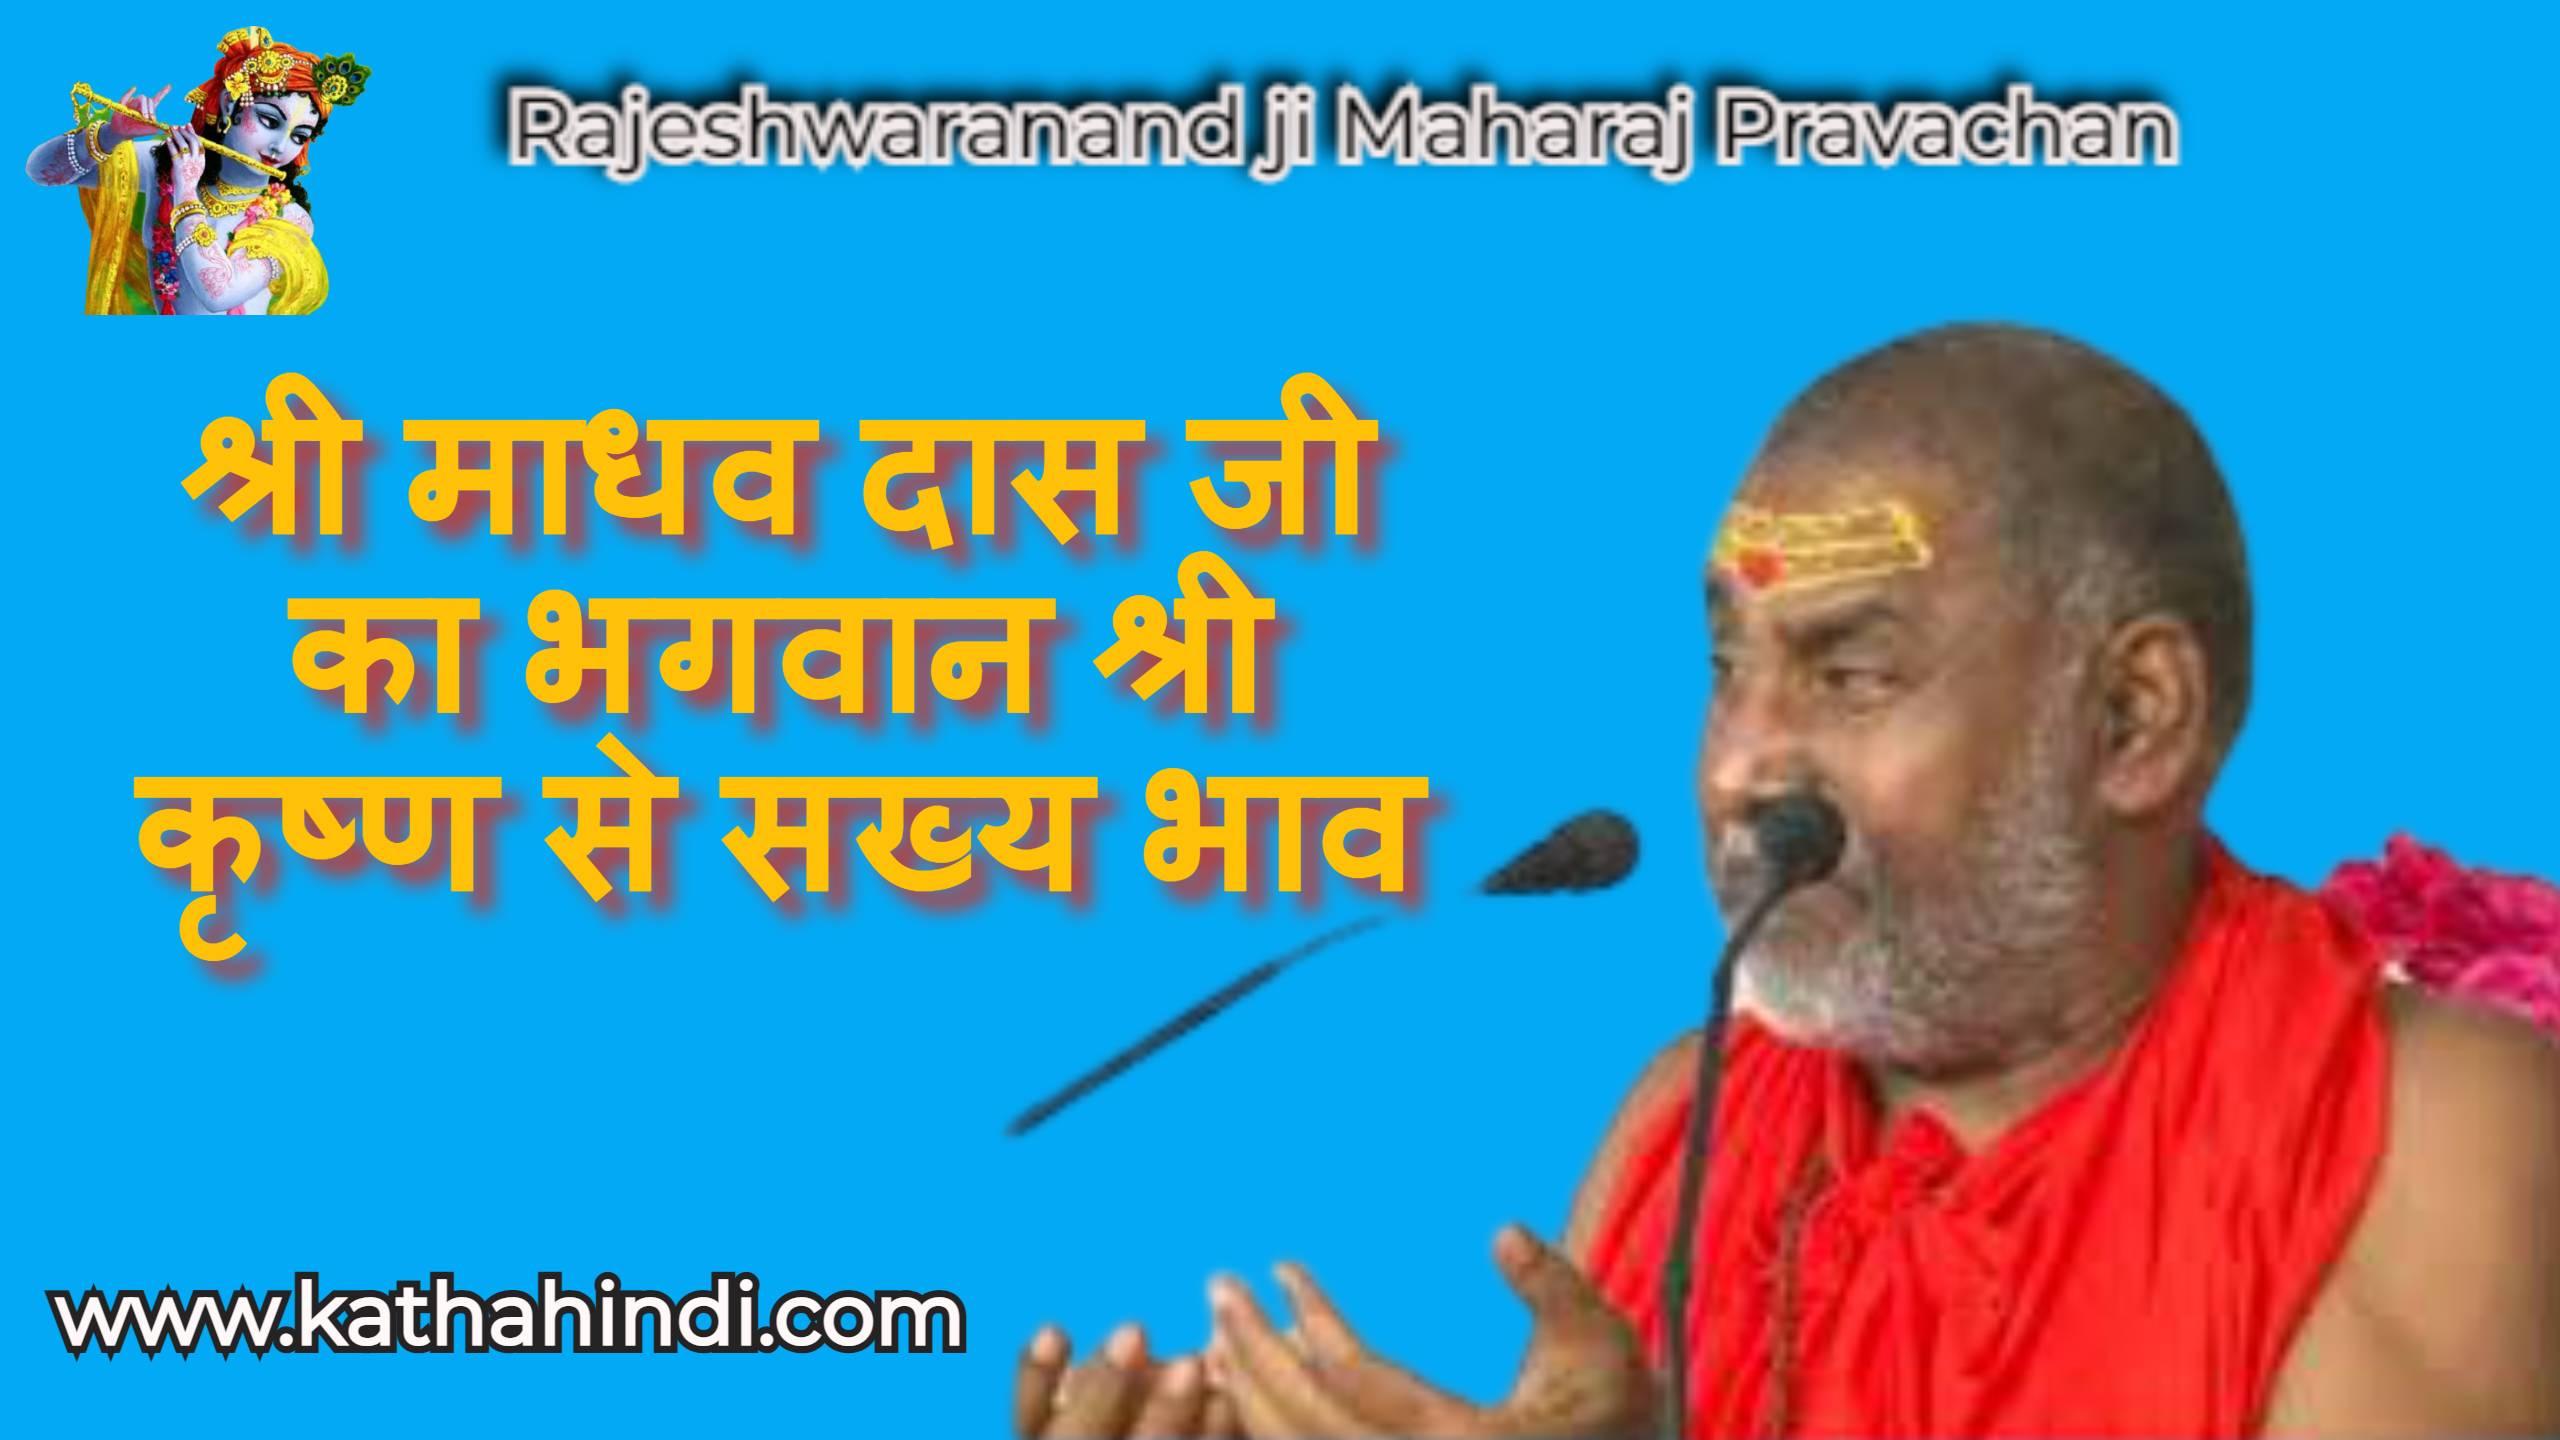 Rajeshwaranand ji Maharaj Pravachan